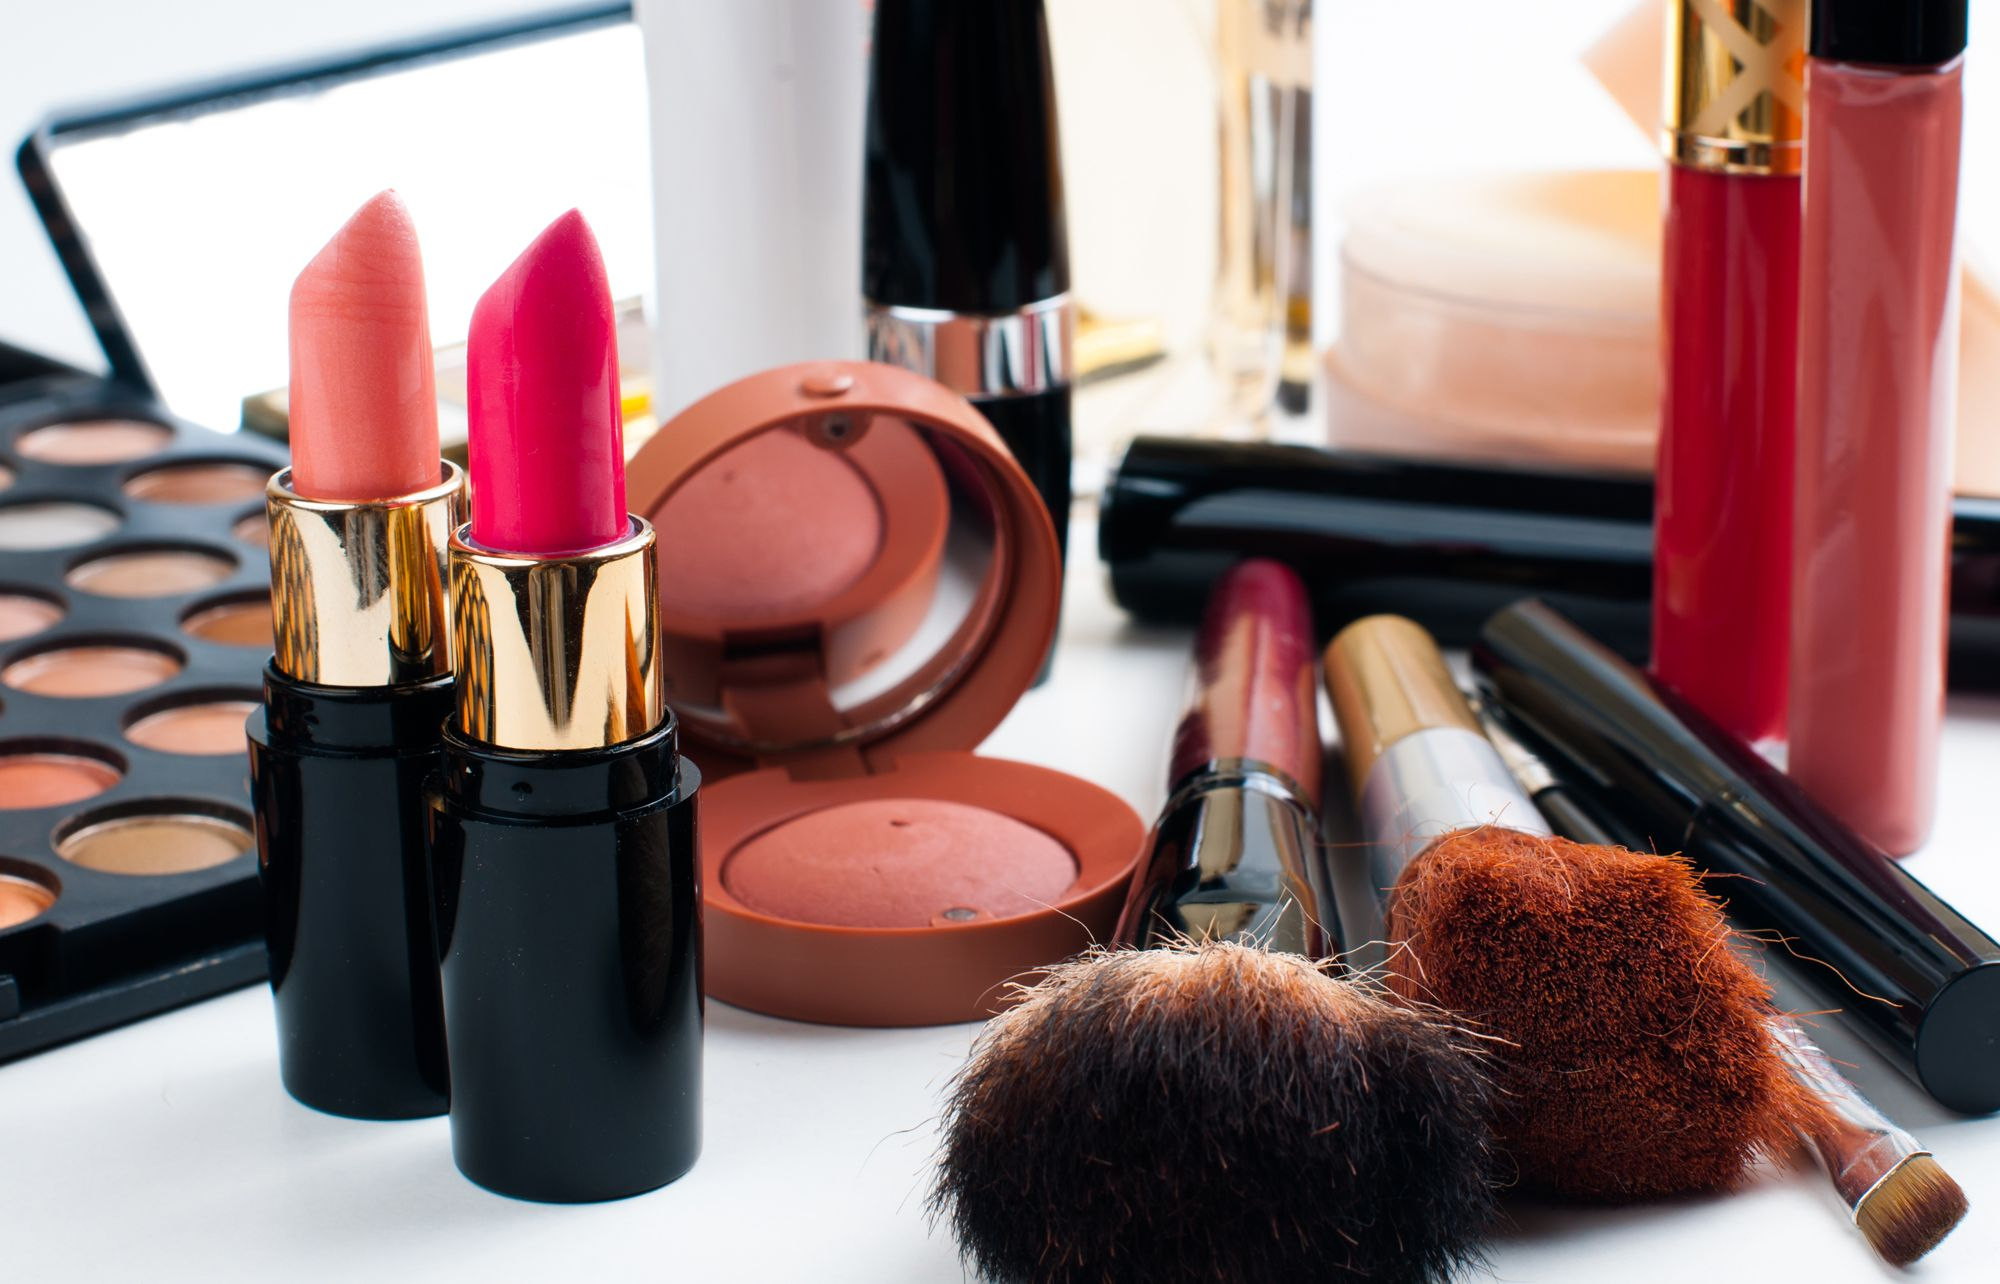 Jak prawidłowo stosować kosmetyki?